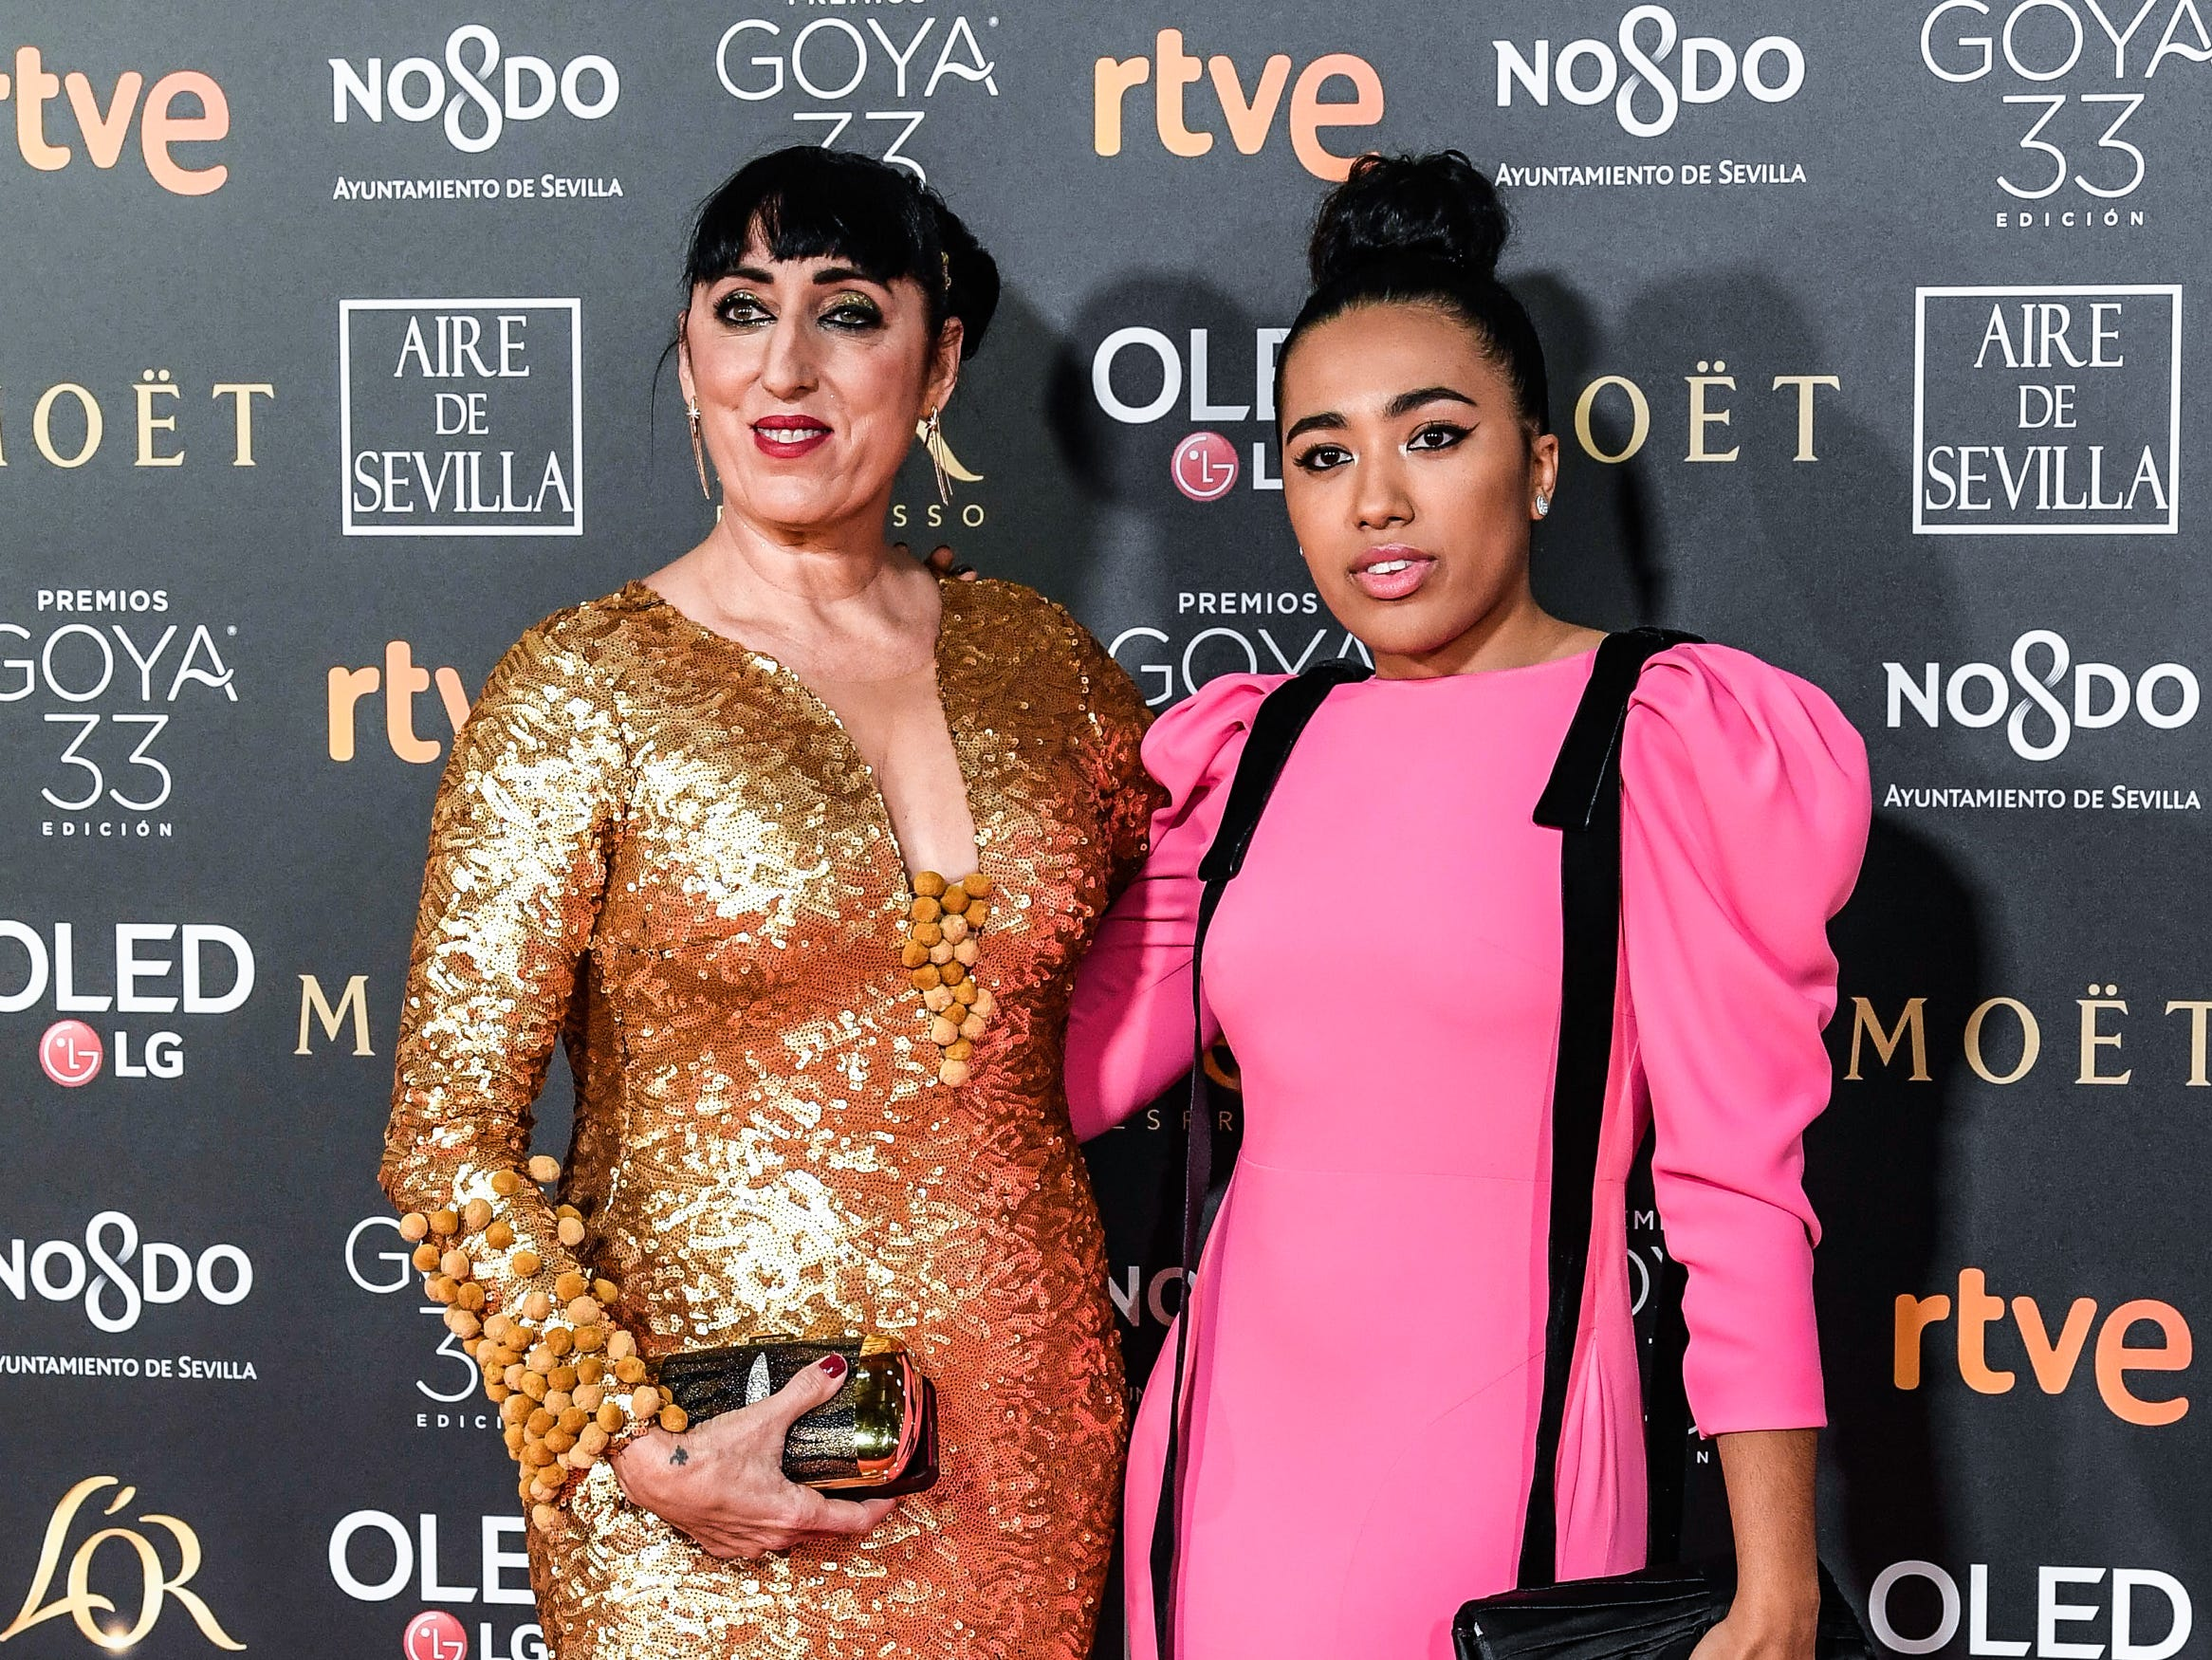 Rossy de Palma y Luna Mary asisten a la 33ª edición de los Premios de Cine Goya en el Palacio de Congresos y Exposiciones FIBES el 2 de febrero de 2019 en Sevilla, España.